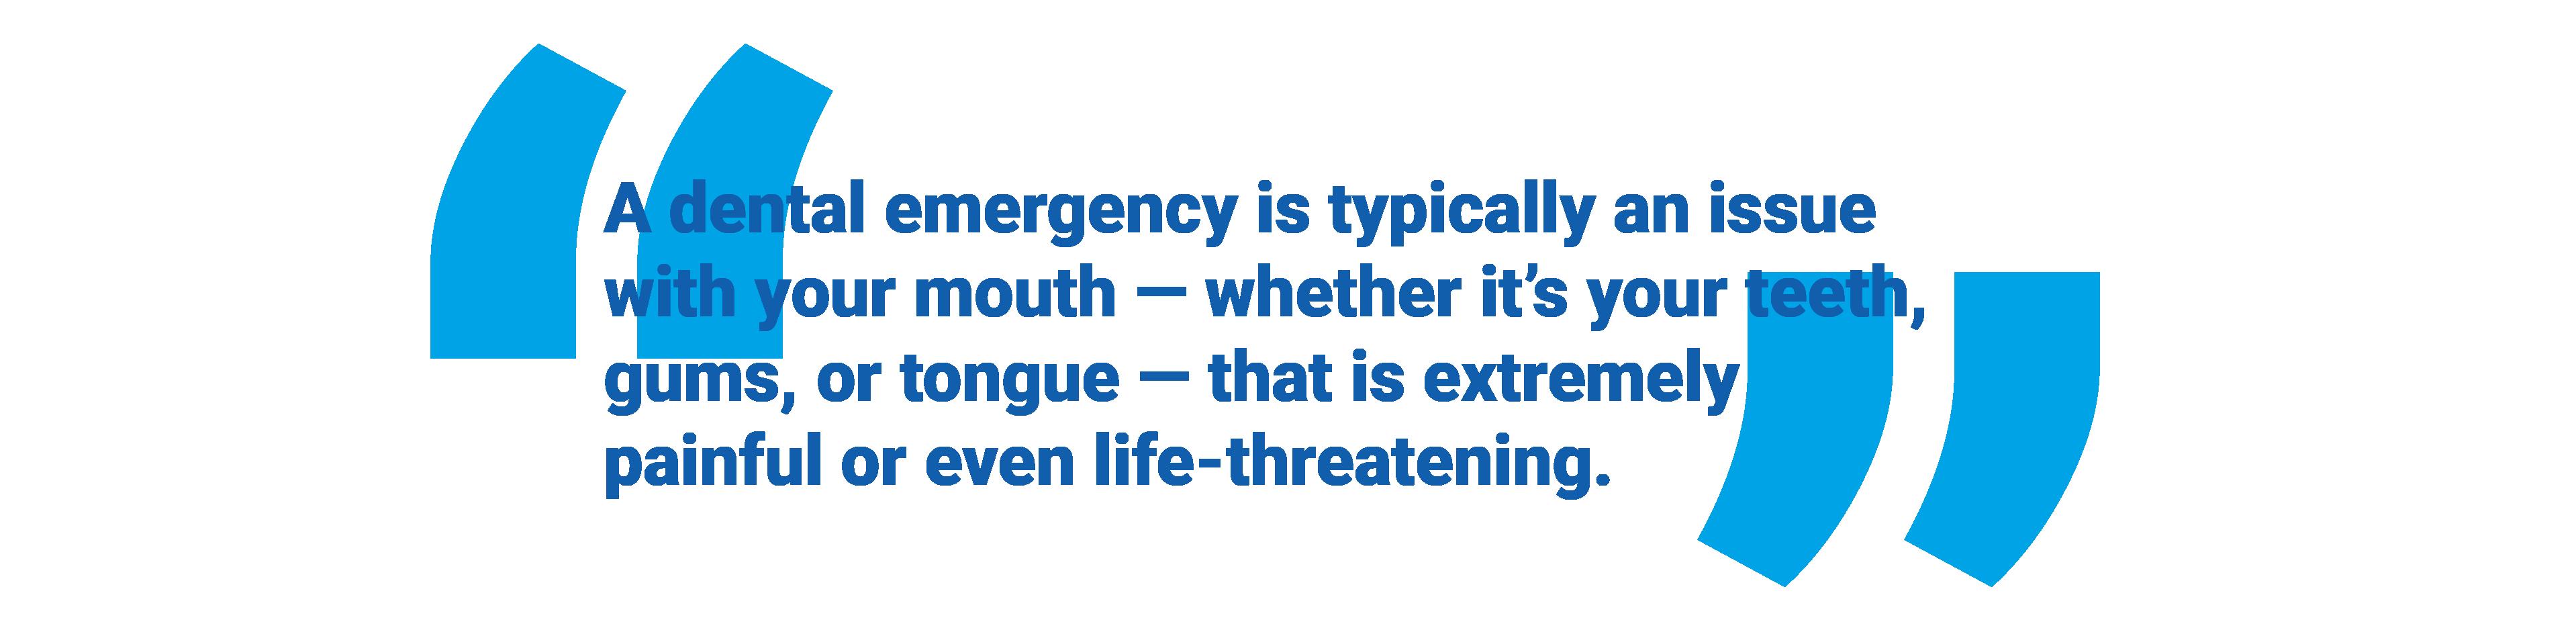 DentalEmergency_Blog_gaphics-01